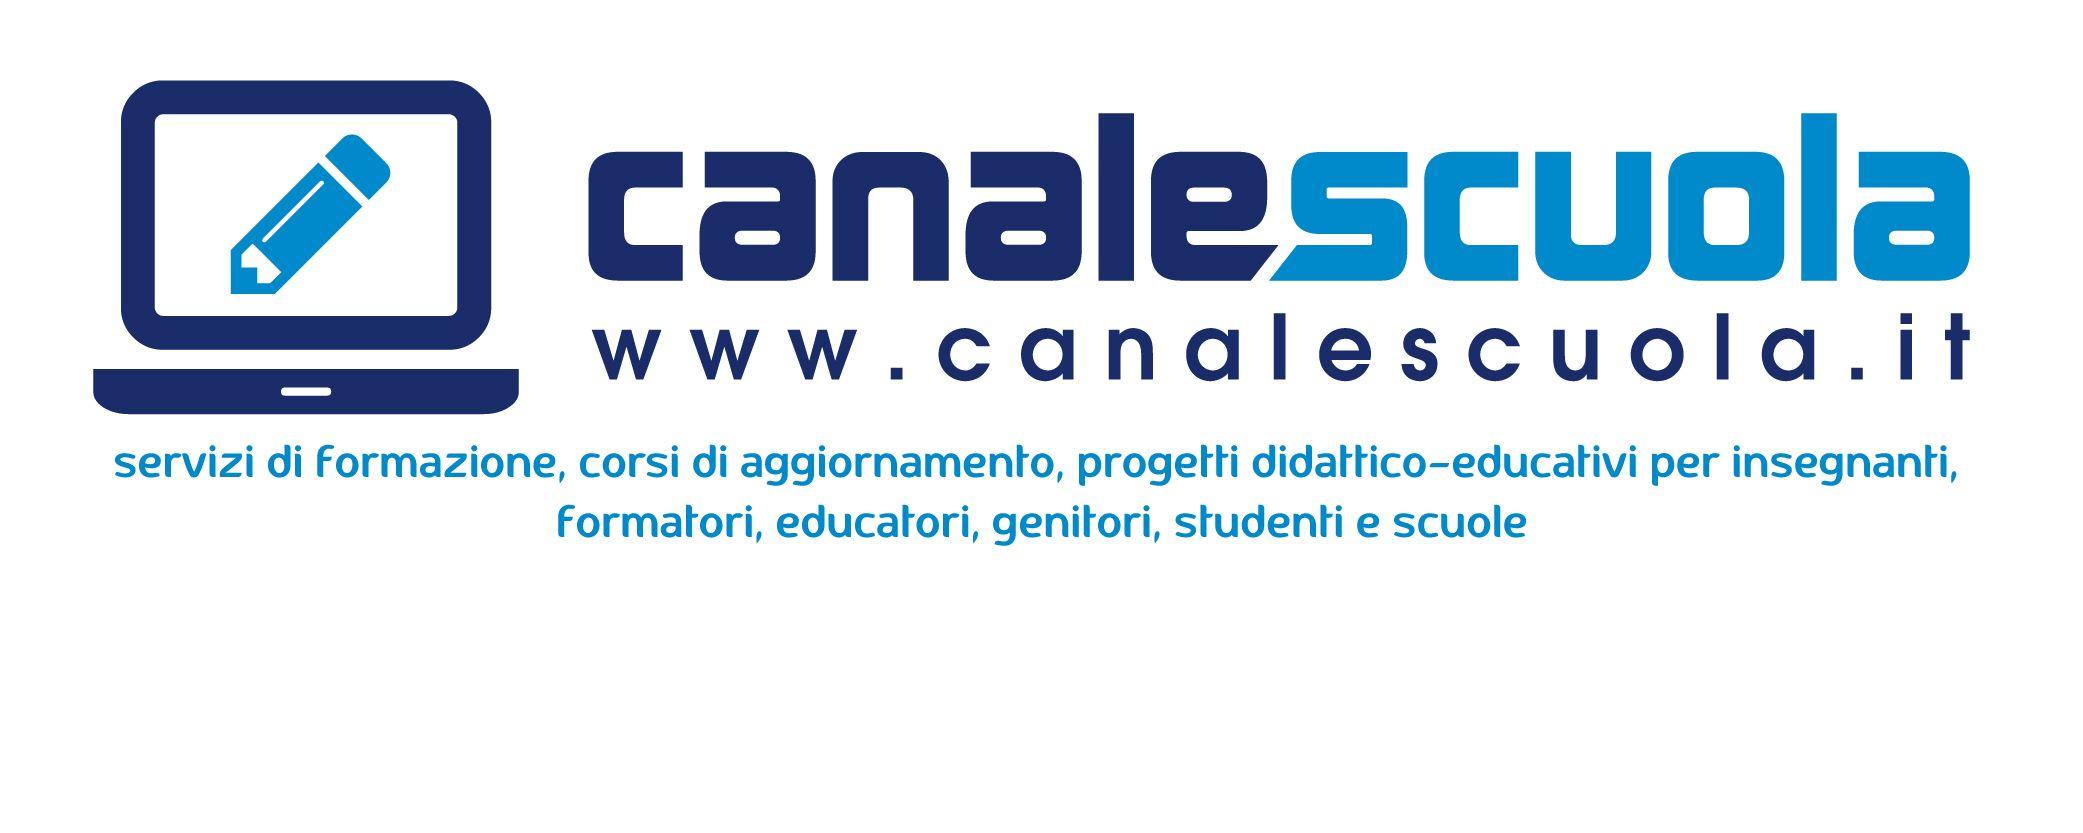 logo di canalescuola con claim Scuola, Insegne e Educazione